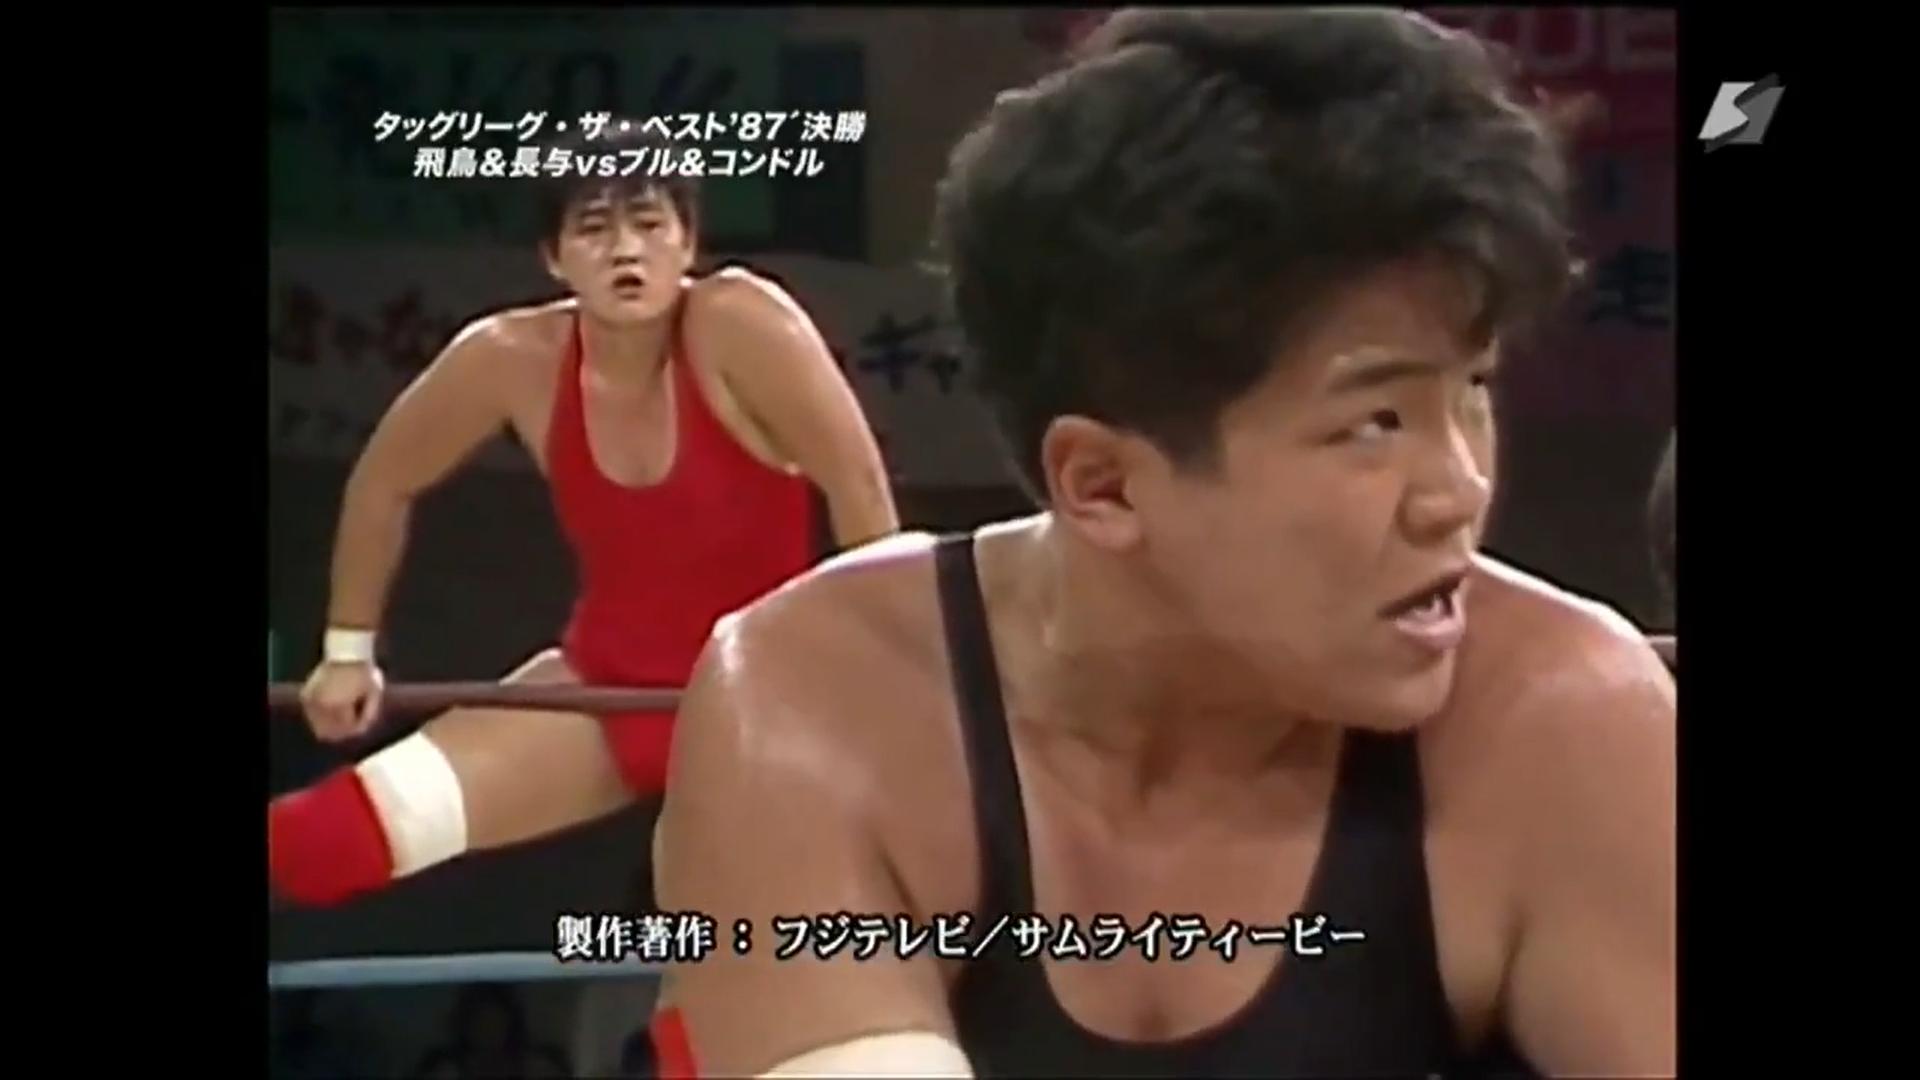 Yumi Ogura Ramblings About Wrestling